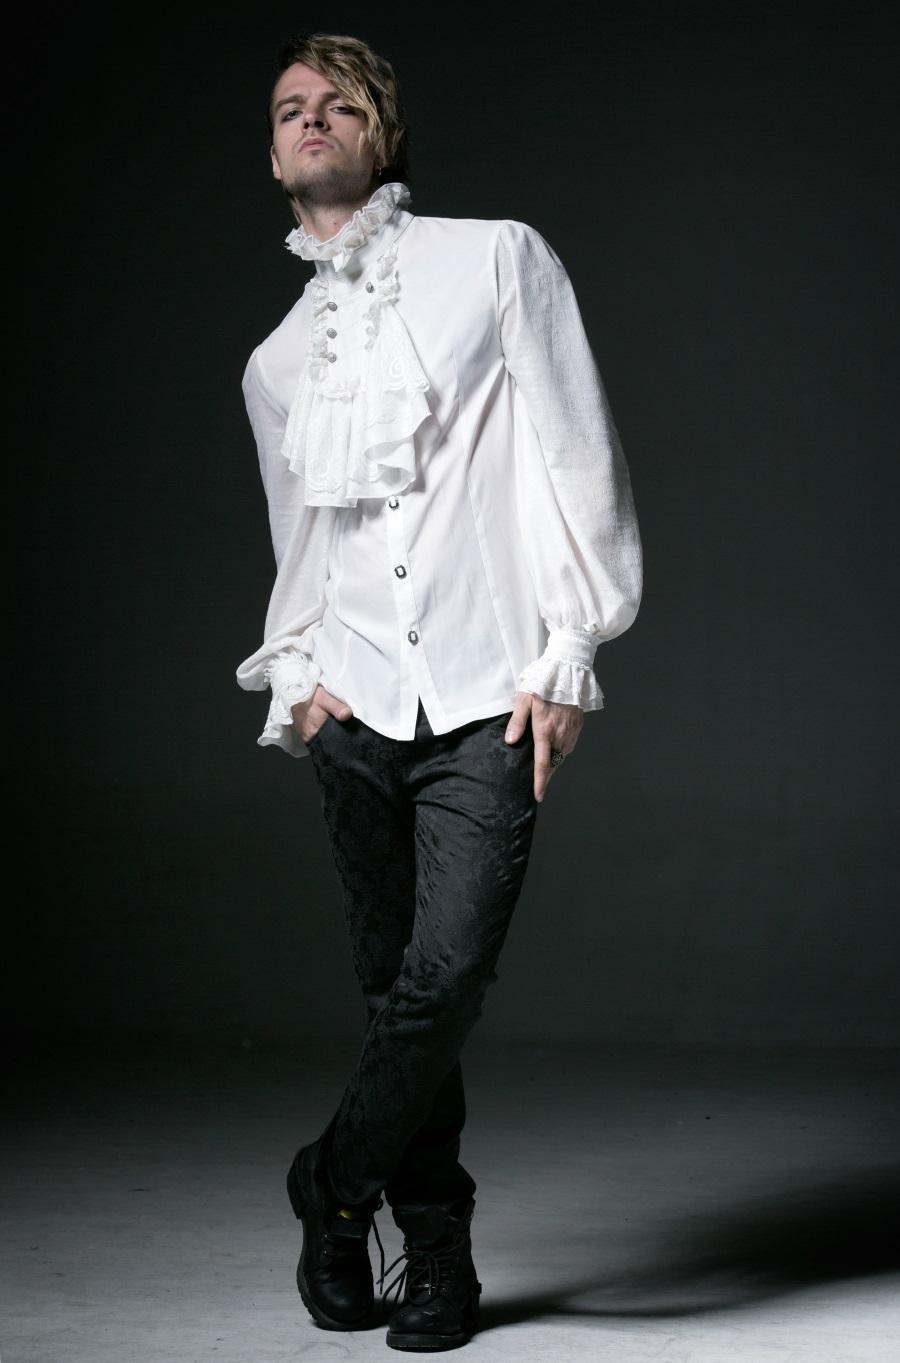 chemise gothique blanche jabot de style baroque pour homme punk rave y522. Black Bedroom Furniture Sets. Home Design Ideas